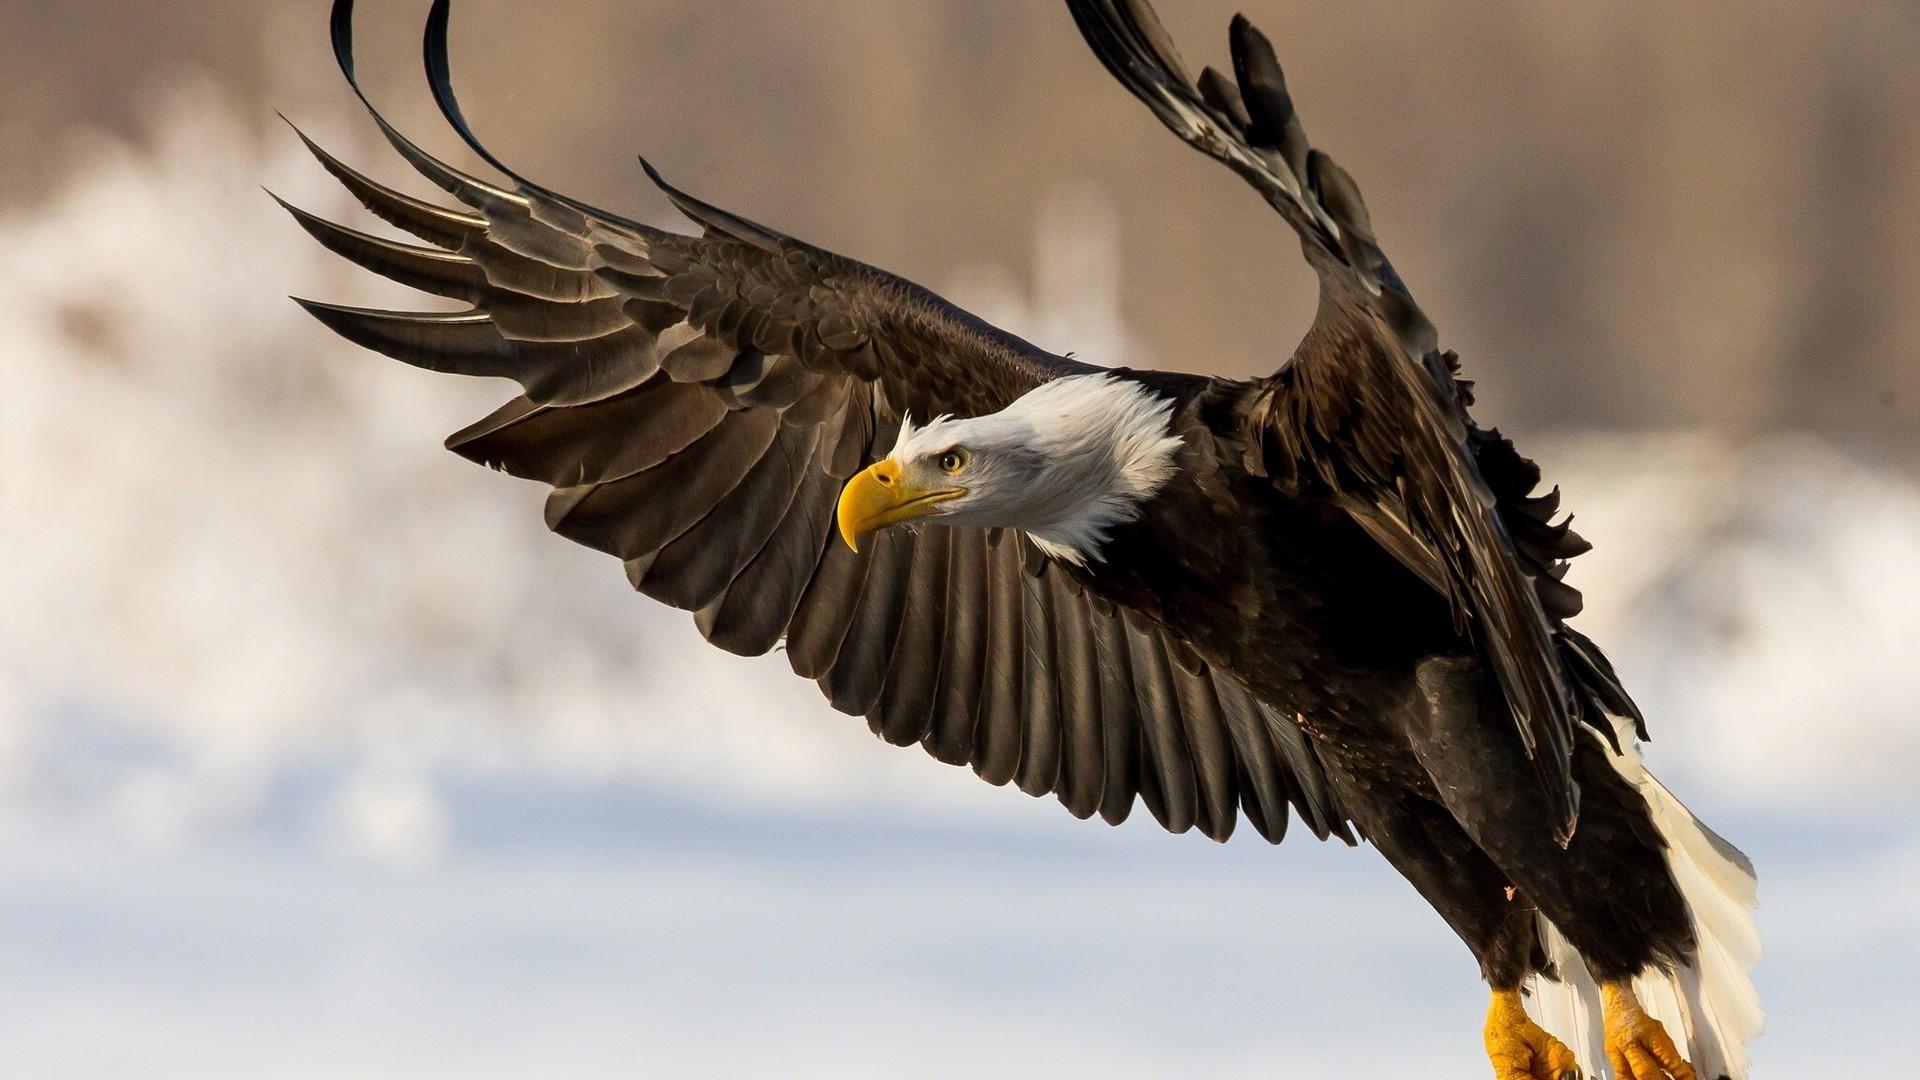 Aguila cabeza blanca - 1920x1080